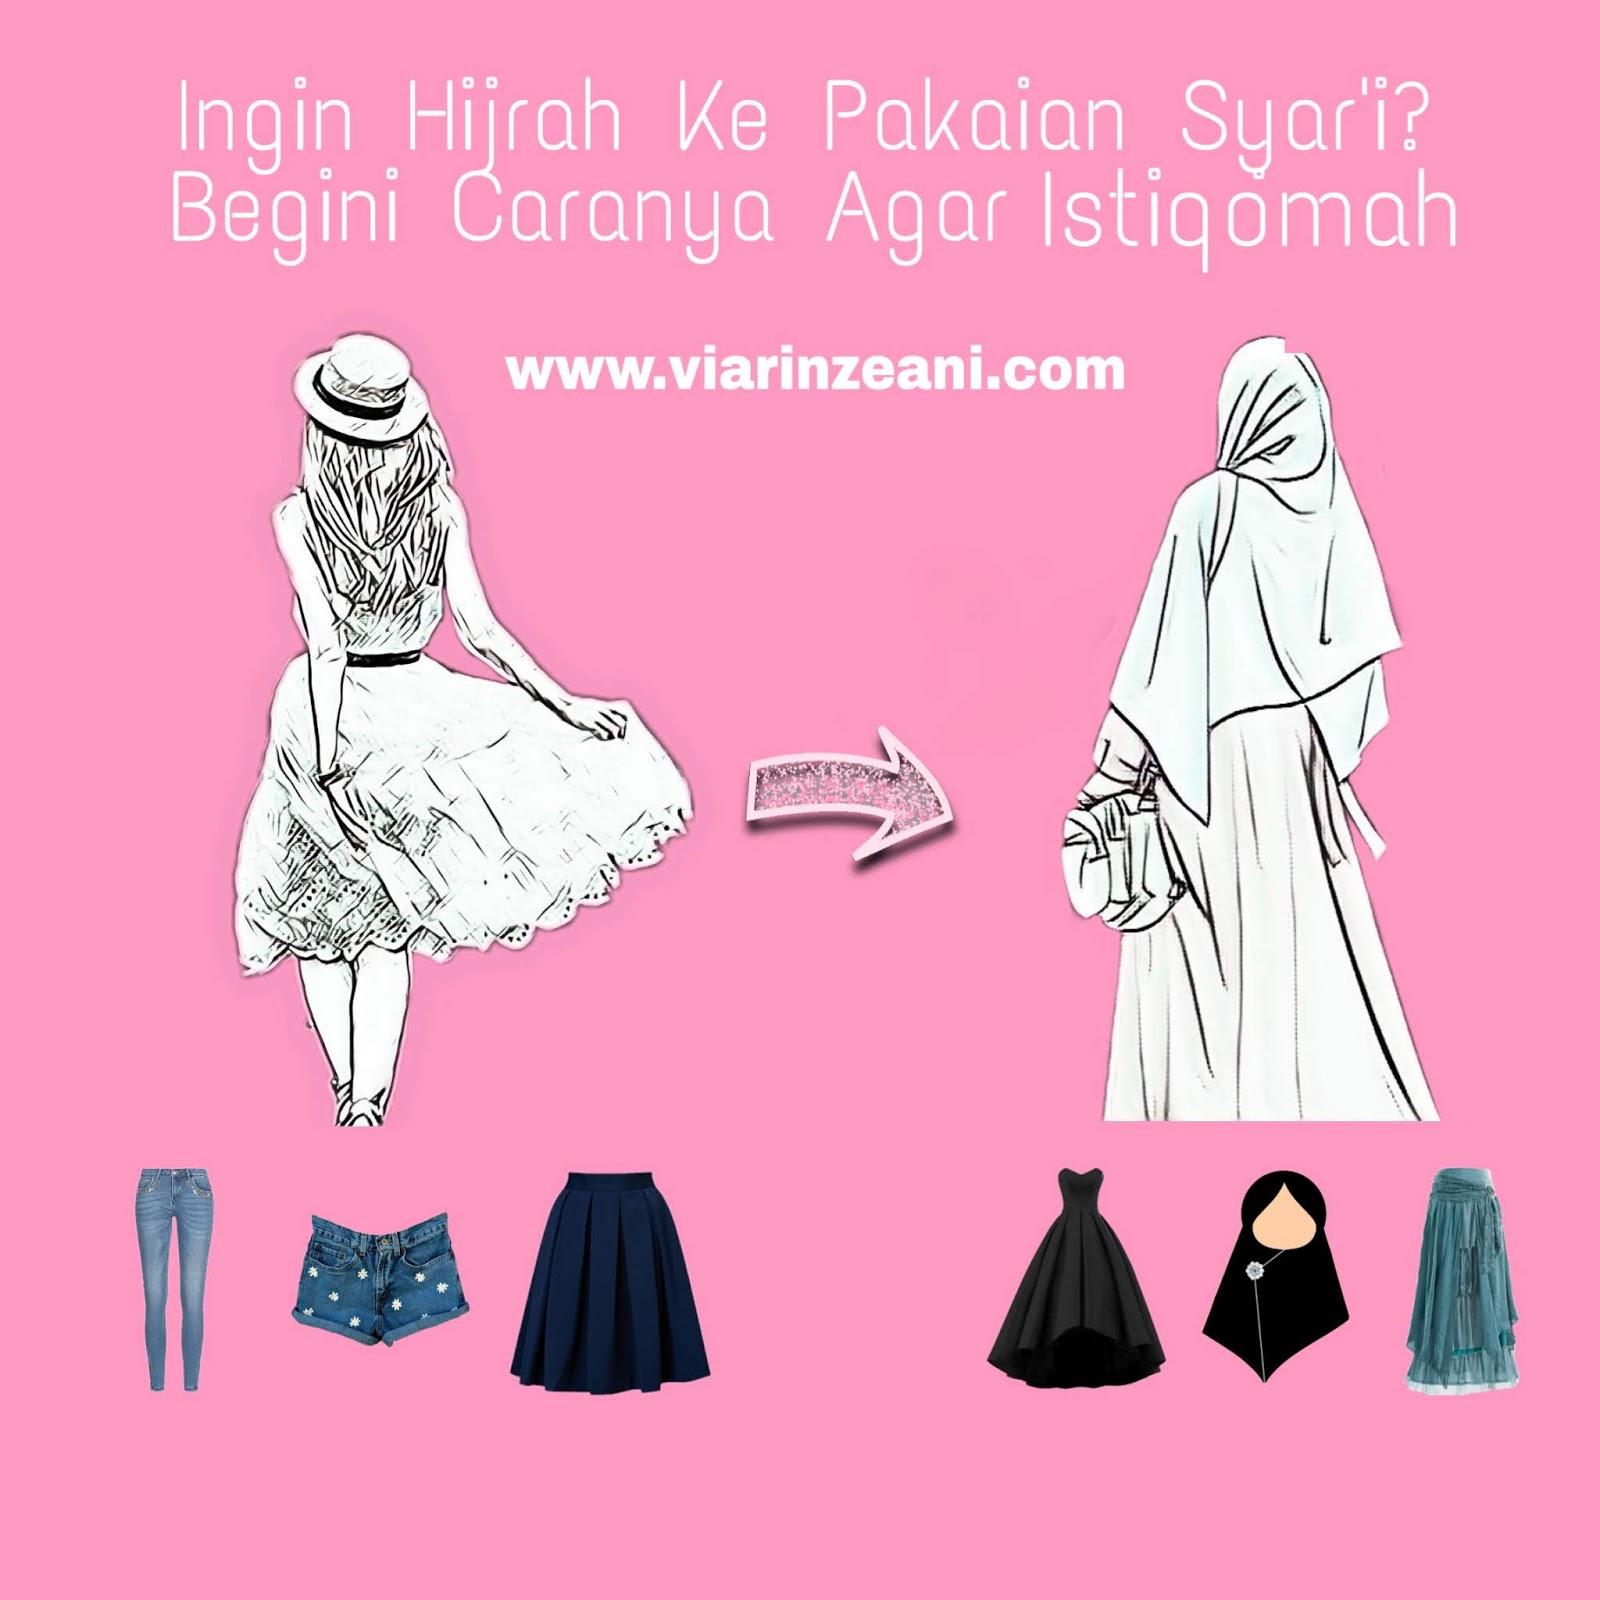 Ingin Hijrah Ke Pakaian Syari Begini Caranya Agar Istiqomah